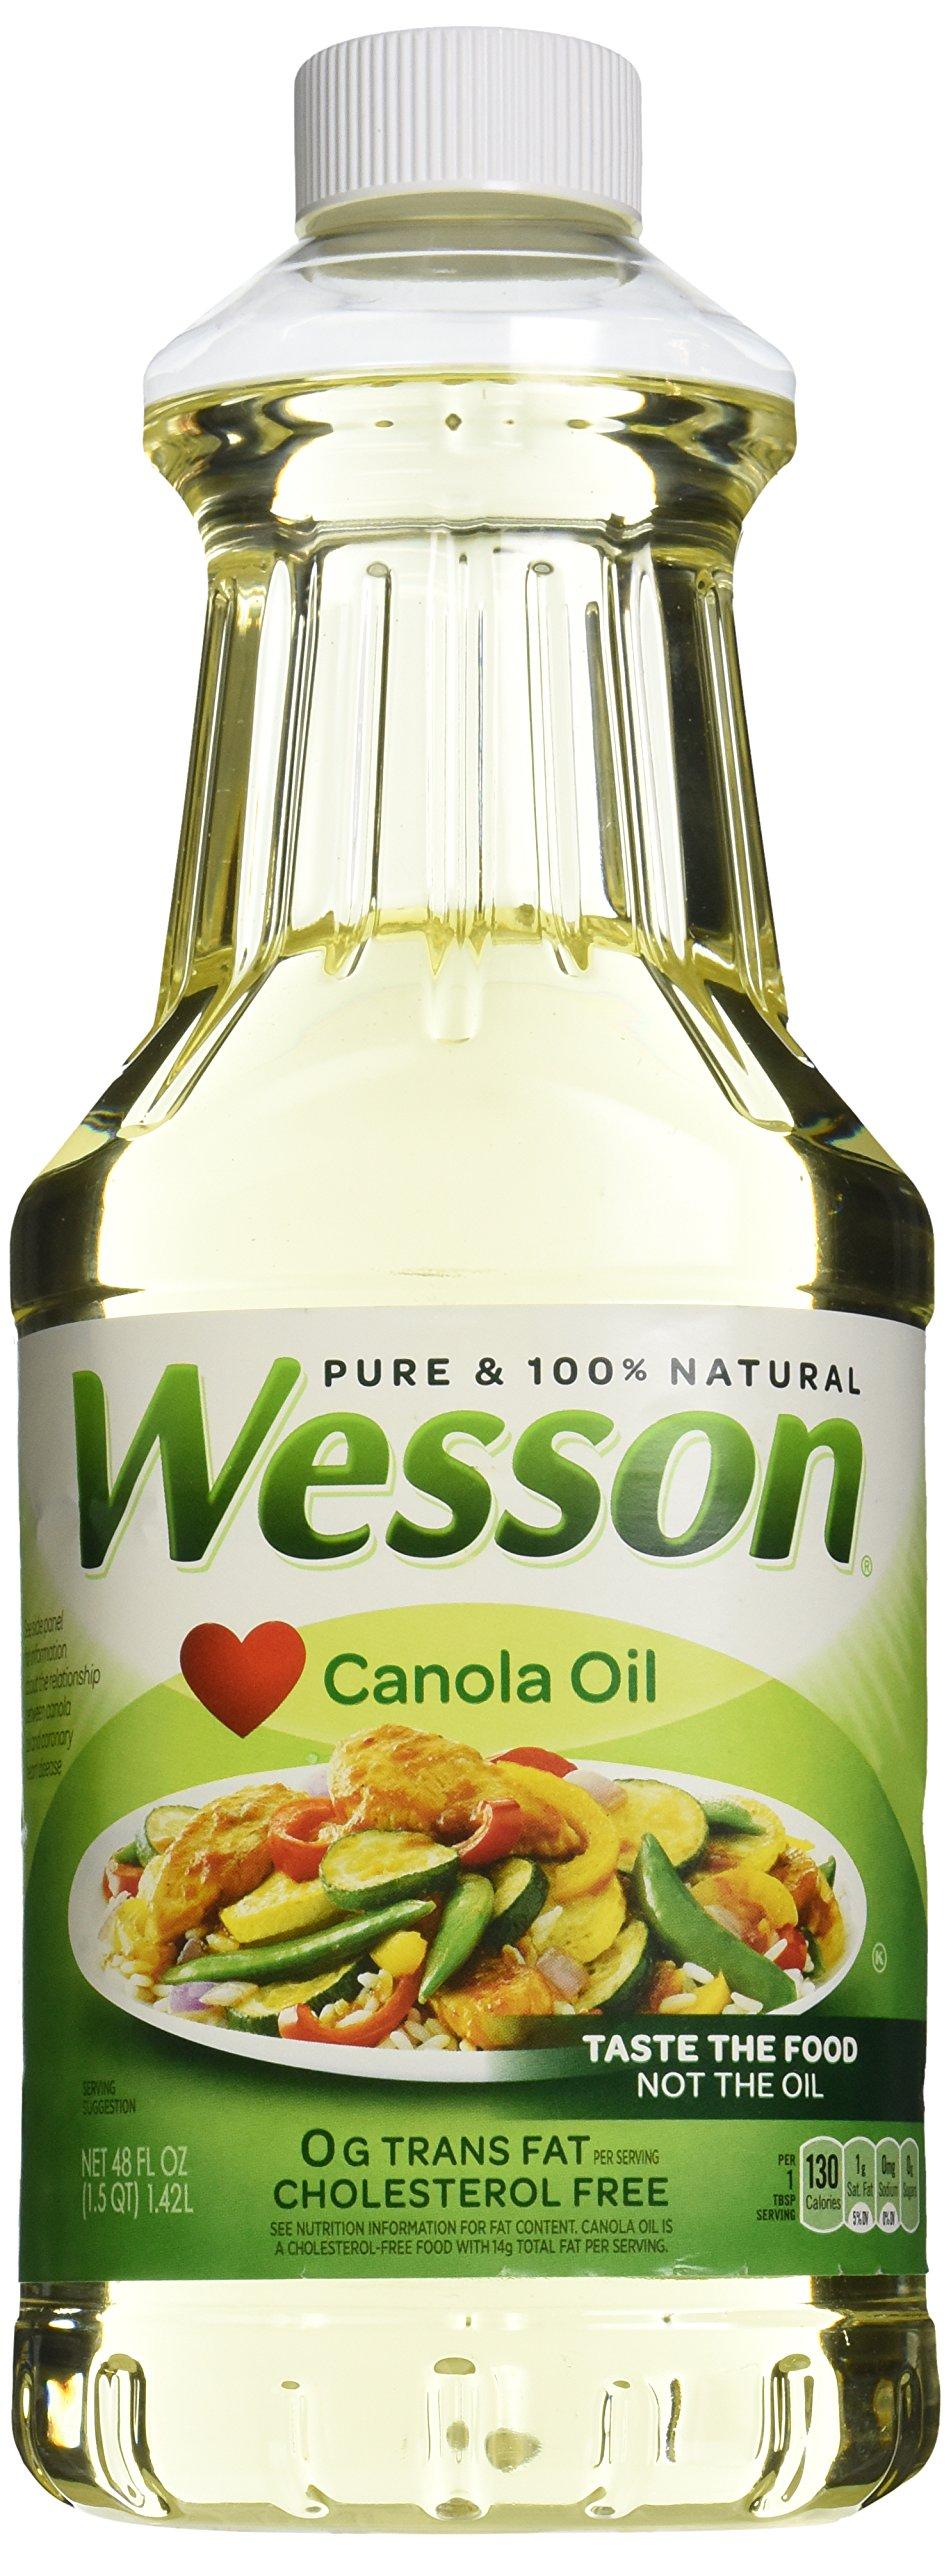 Wesson Canola Oil, 48 oz